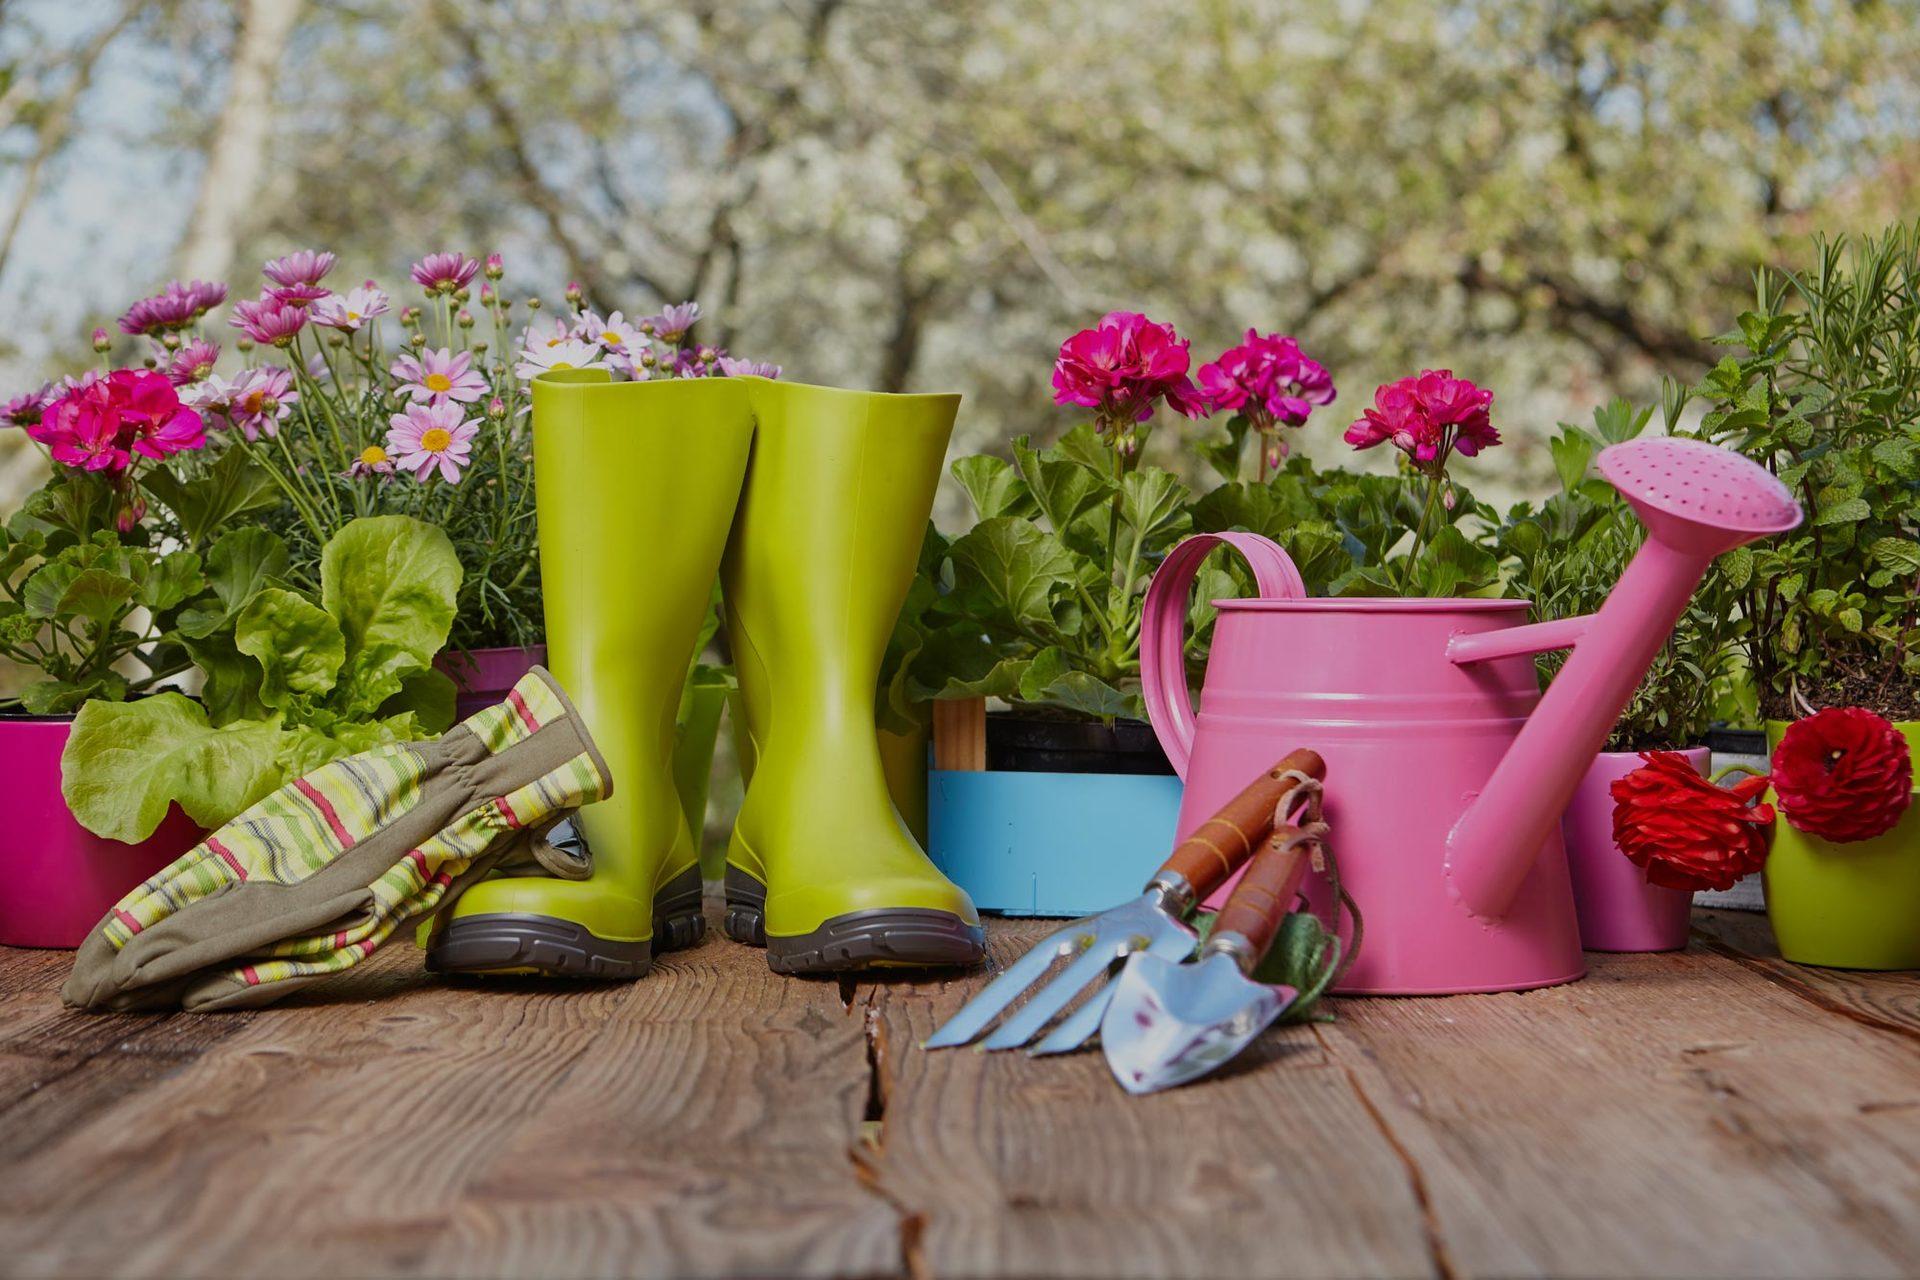 attrezzi da giardinaggio all'aperto sul vecchio tavolo di legno